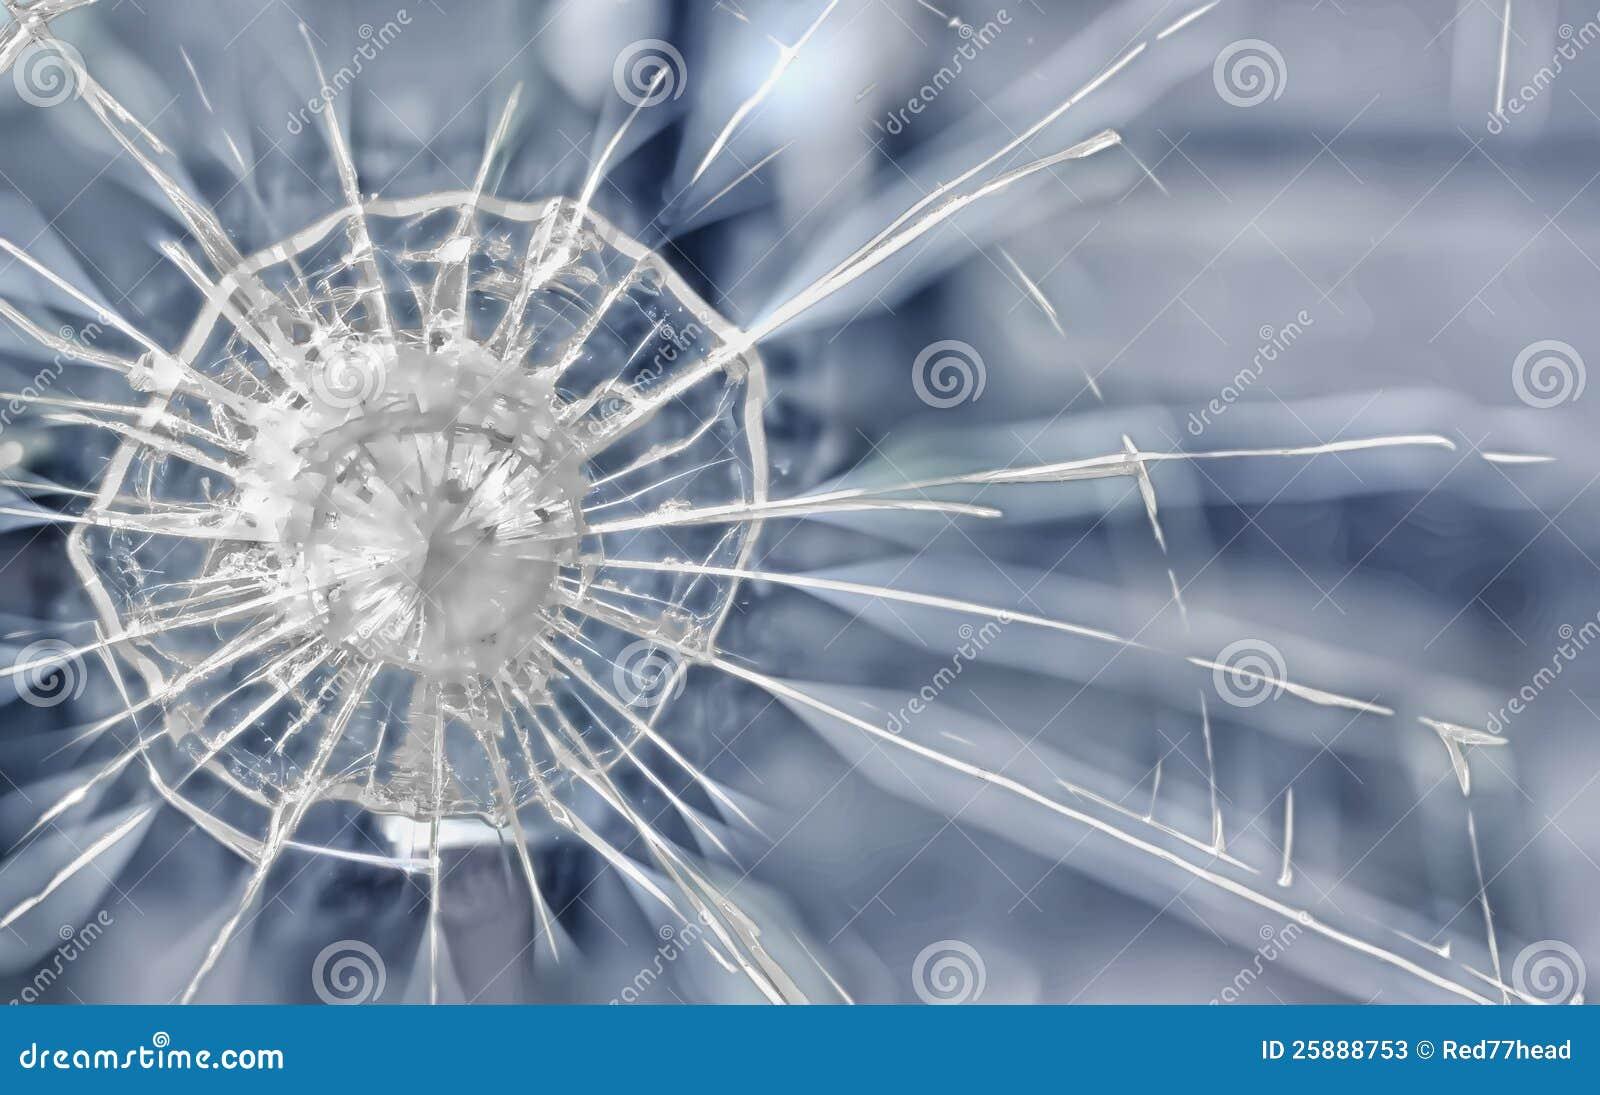 Grietas en un cristal blindado fotos de archivo imagen for Precio cristal blindado